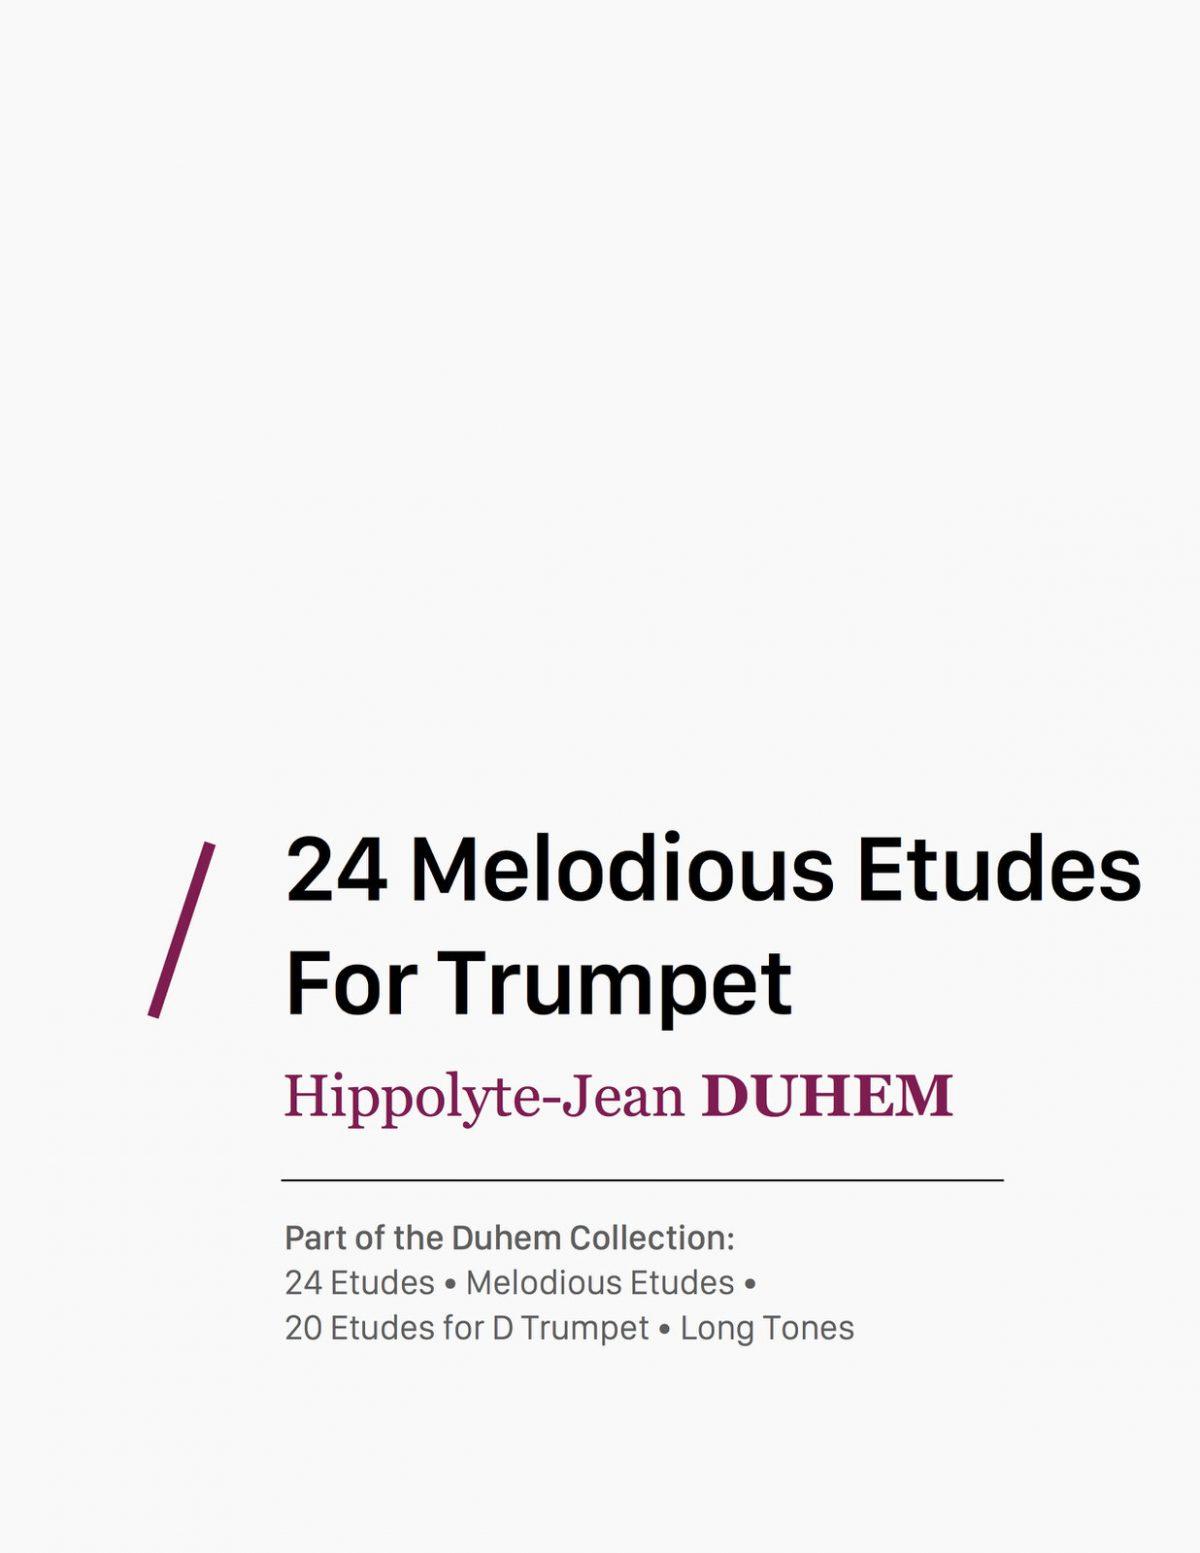 duhem-24-melodious-etudes